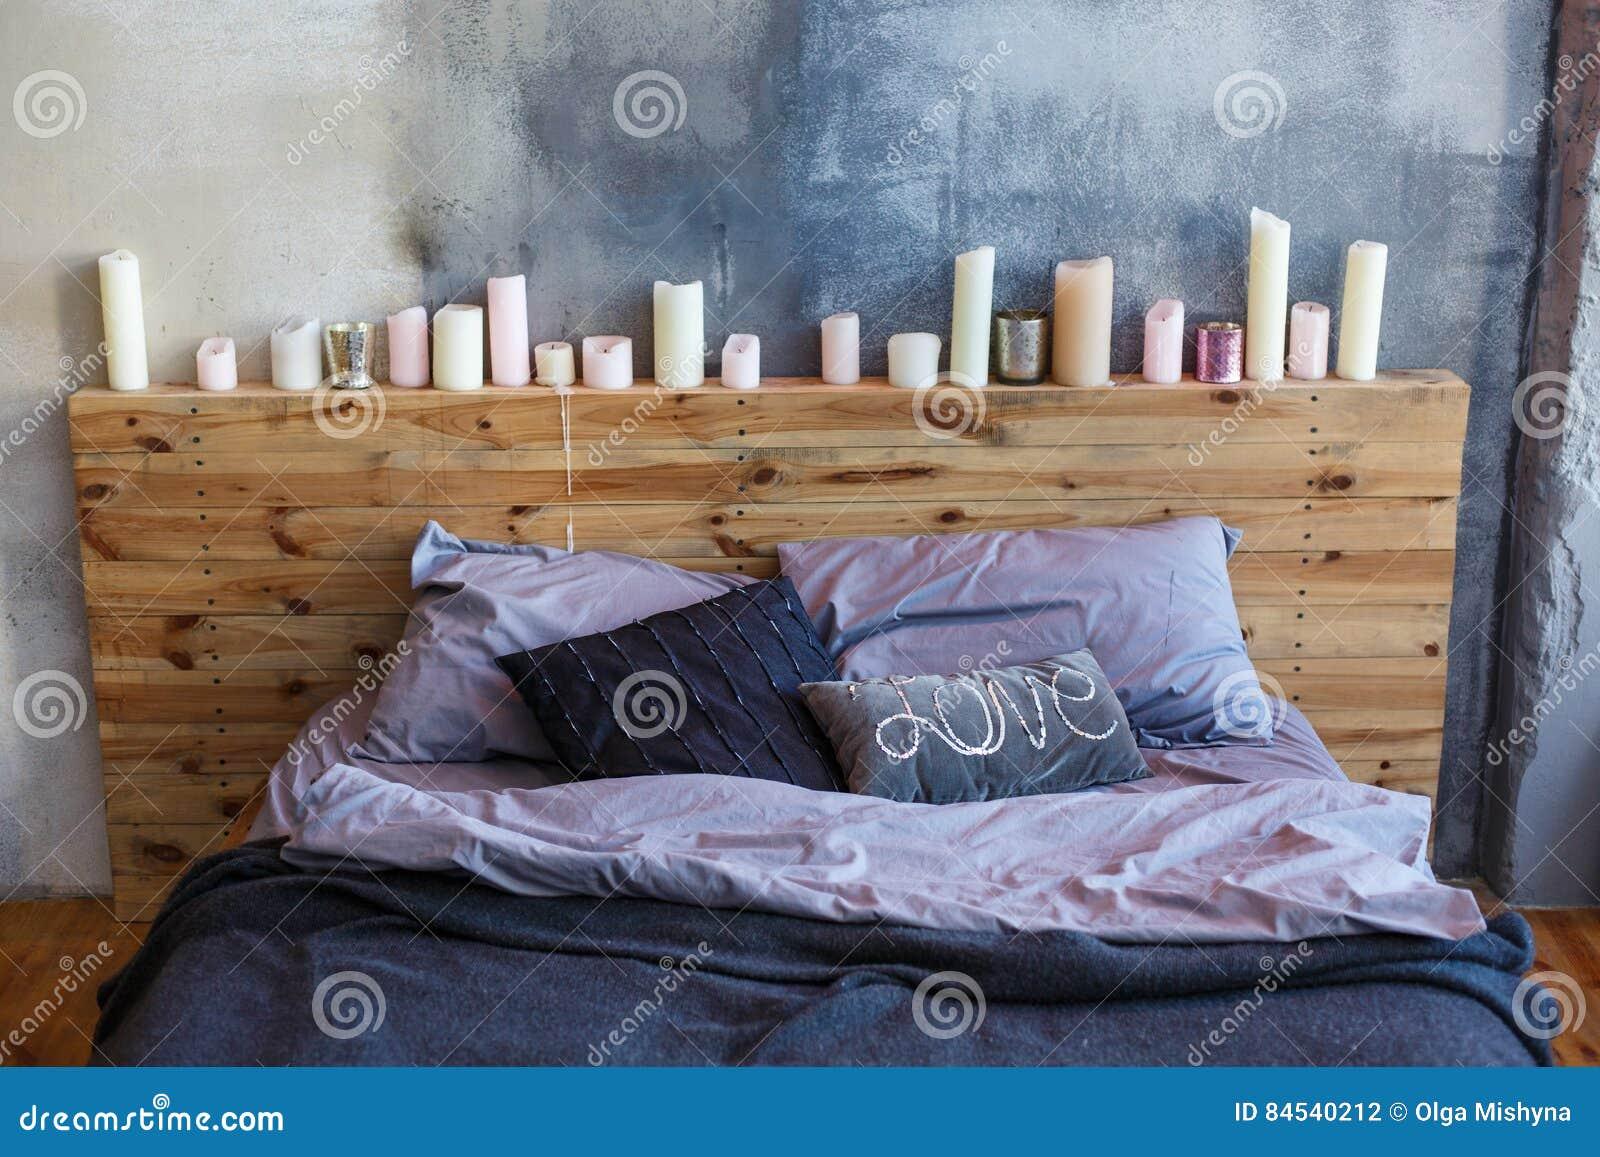 Candele Camera Da Letto : Camera da letto alla moda nello stile del sottotetto con i colori